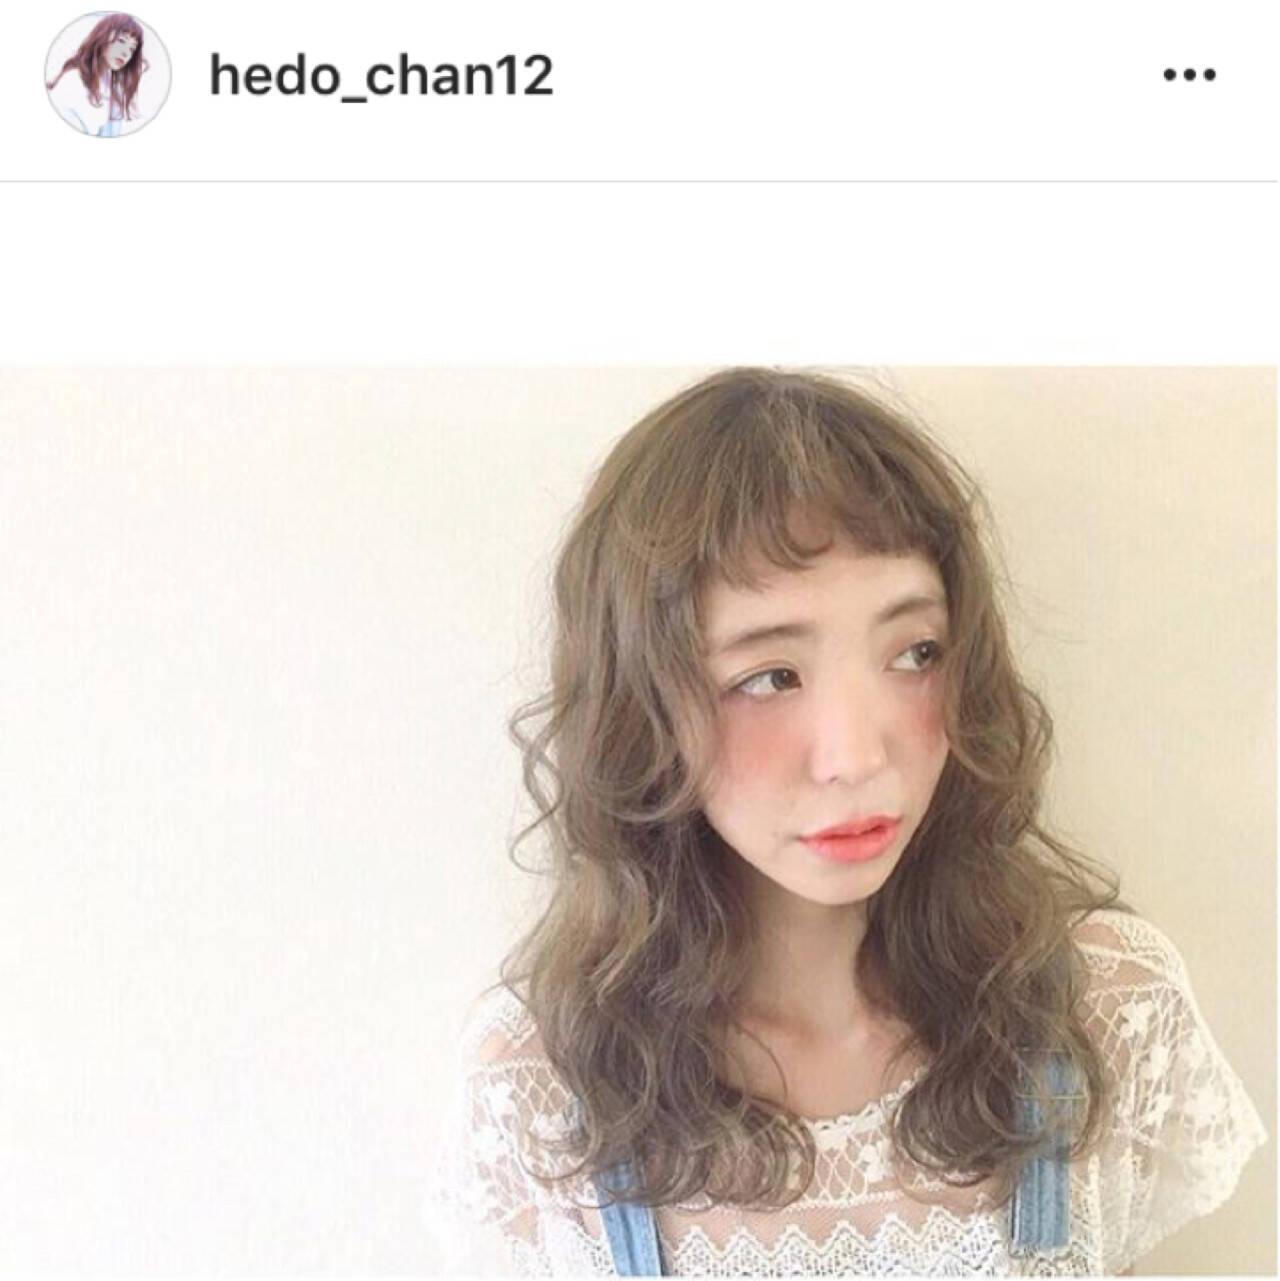 ウェーブ ロング 外国人風 ガーリーヘアスタイルや髪型の写真・画像